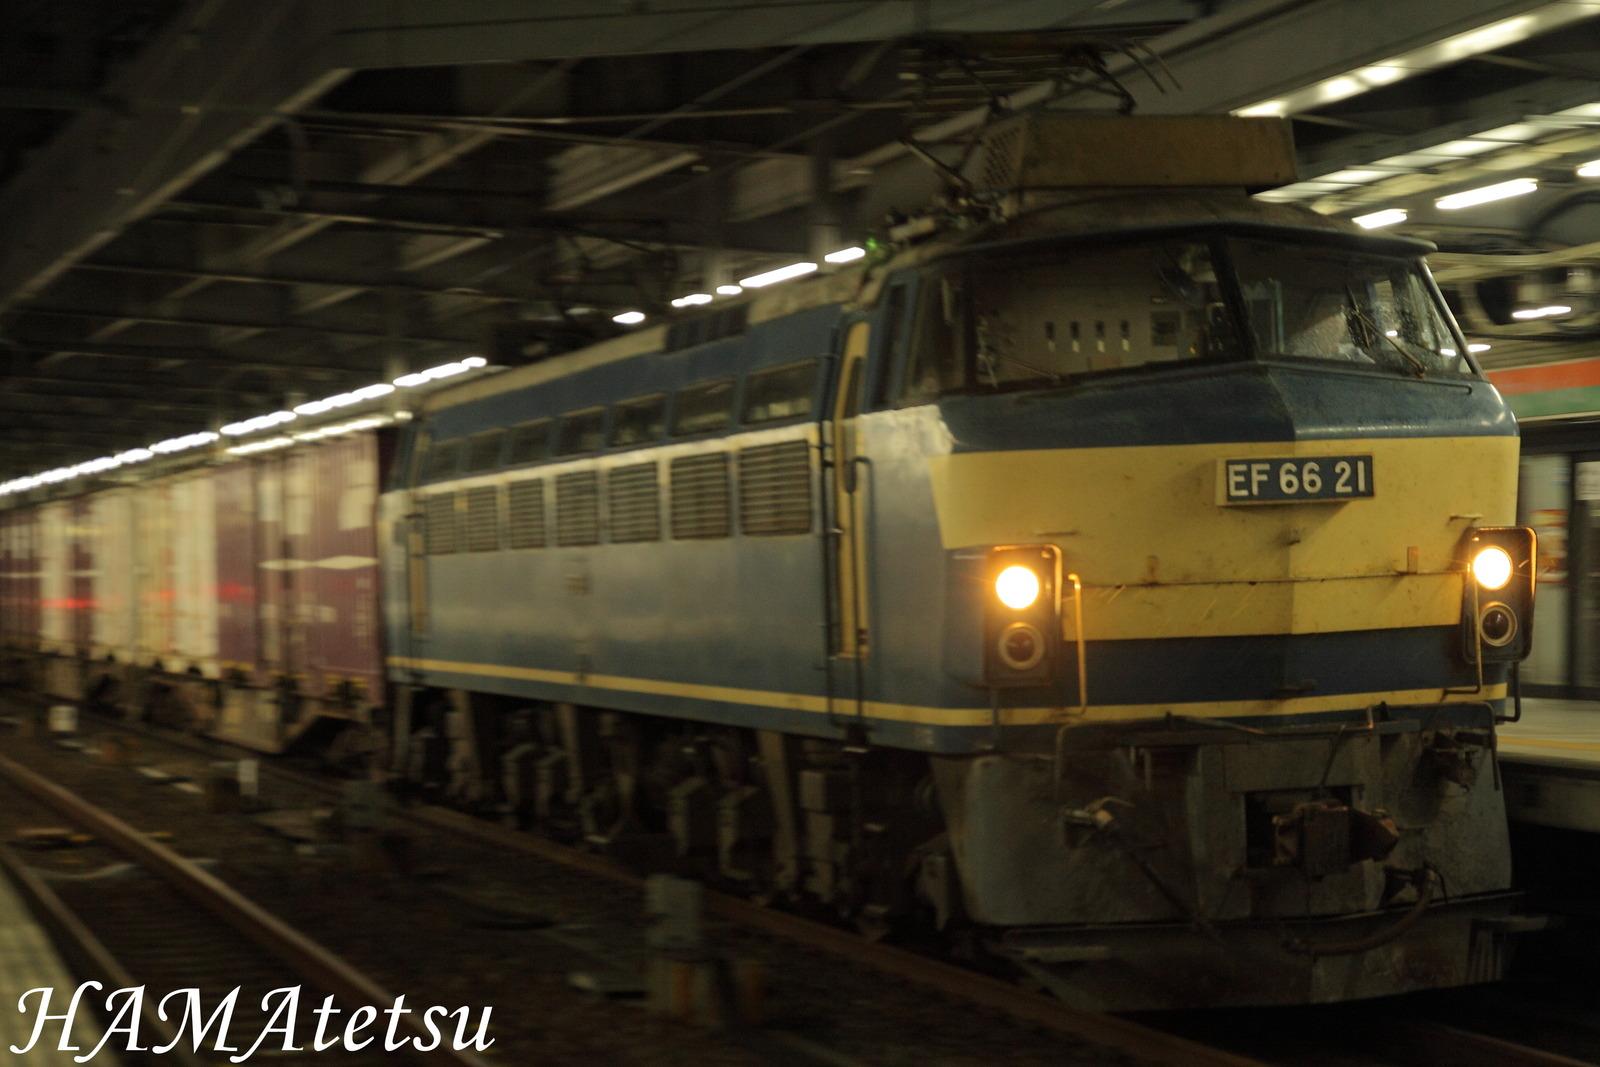 DPP_0096